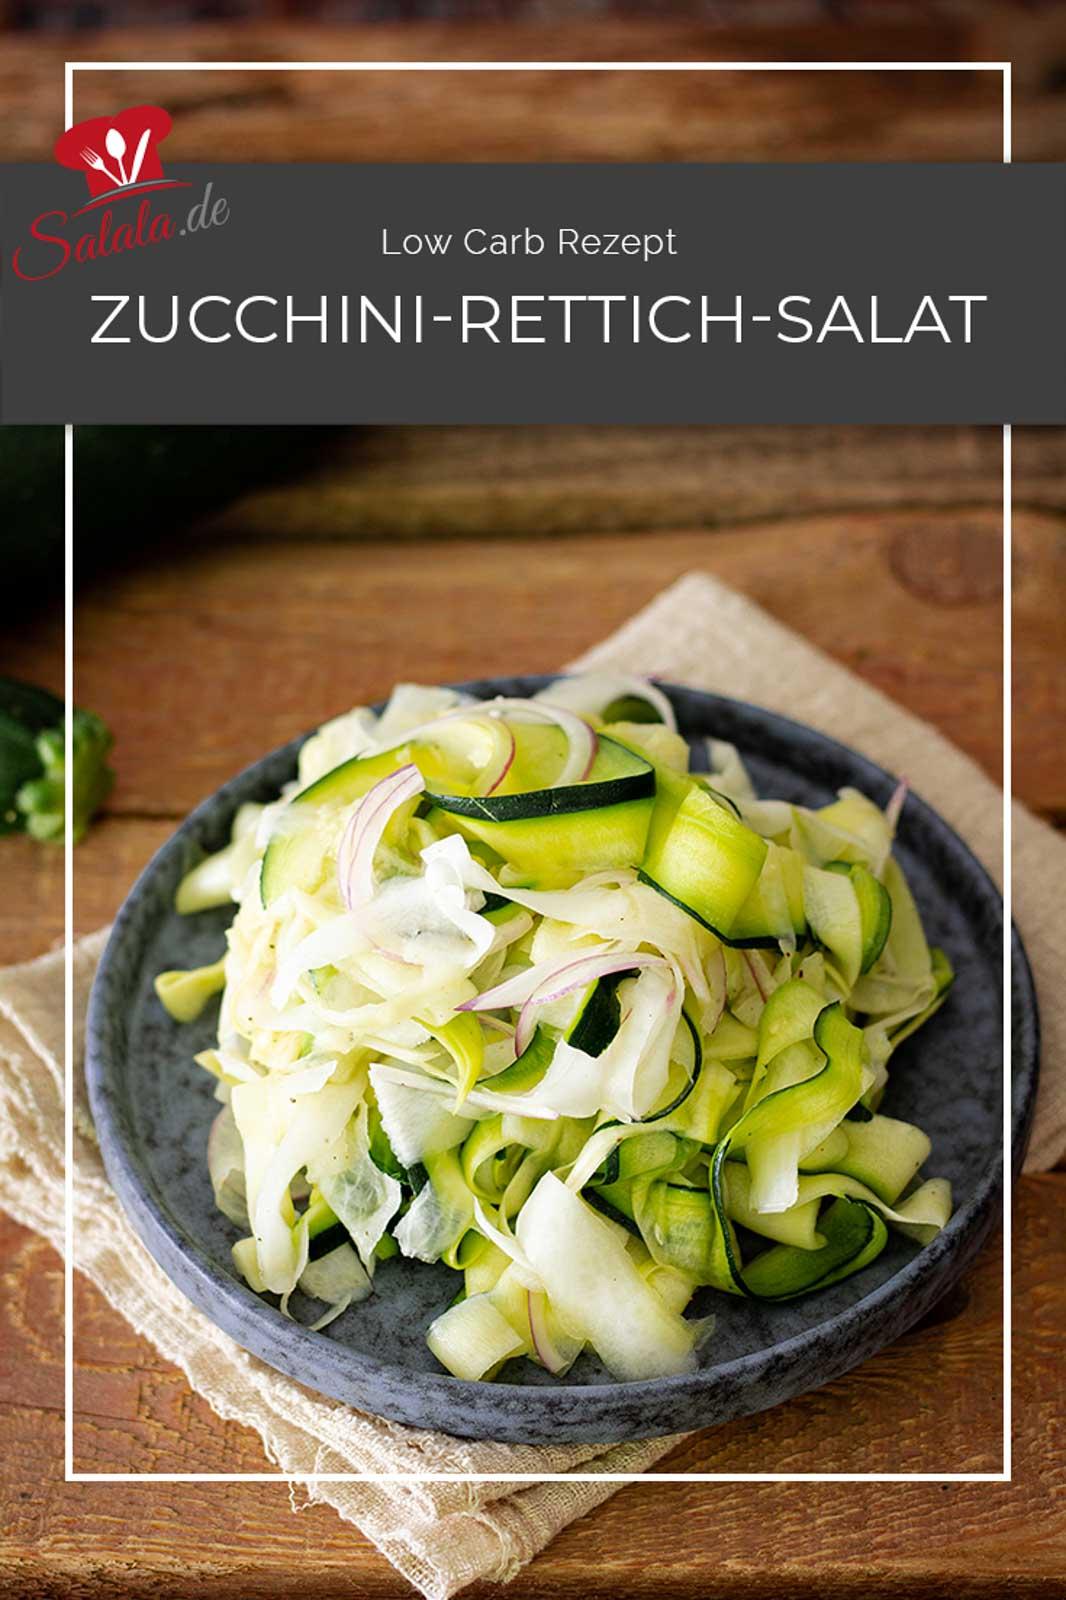 Perfekt für den nächsten Grillabend gibt's einen leckeren Zucchini-Rettich-Salat mit einer einfachen Low Carb Vinaigrette. Die Gemüsestreifen haben wir ganz klassisch mit dem Sparschäler gehobelt. Und die Vinaigrette mit Zitronensaft verfeintert. Lecker, leicht passend für deinen Low Carb oder keto Sommer.  #rettichsalat #zucchinisalat #zucchiniroh #rezeptemitzucchini #lowcarbsalat #salatzumgrillen #zucchinisalatmitrettich #radisalat #ketosalat #salatdressing #lowcarbsalatdressing